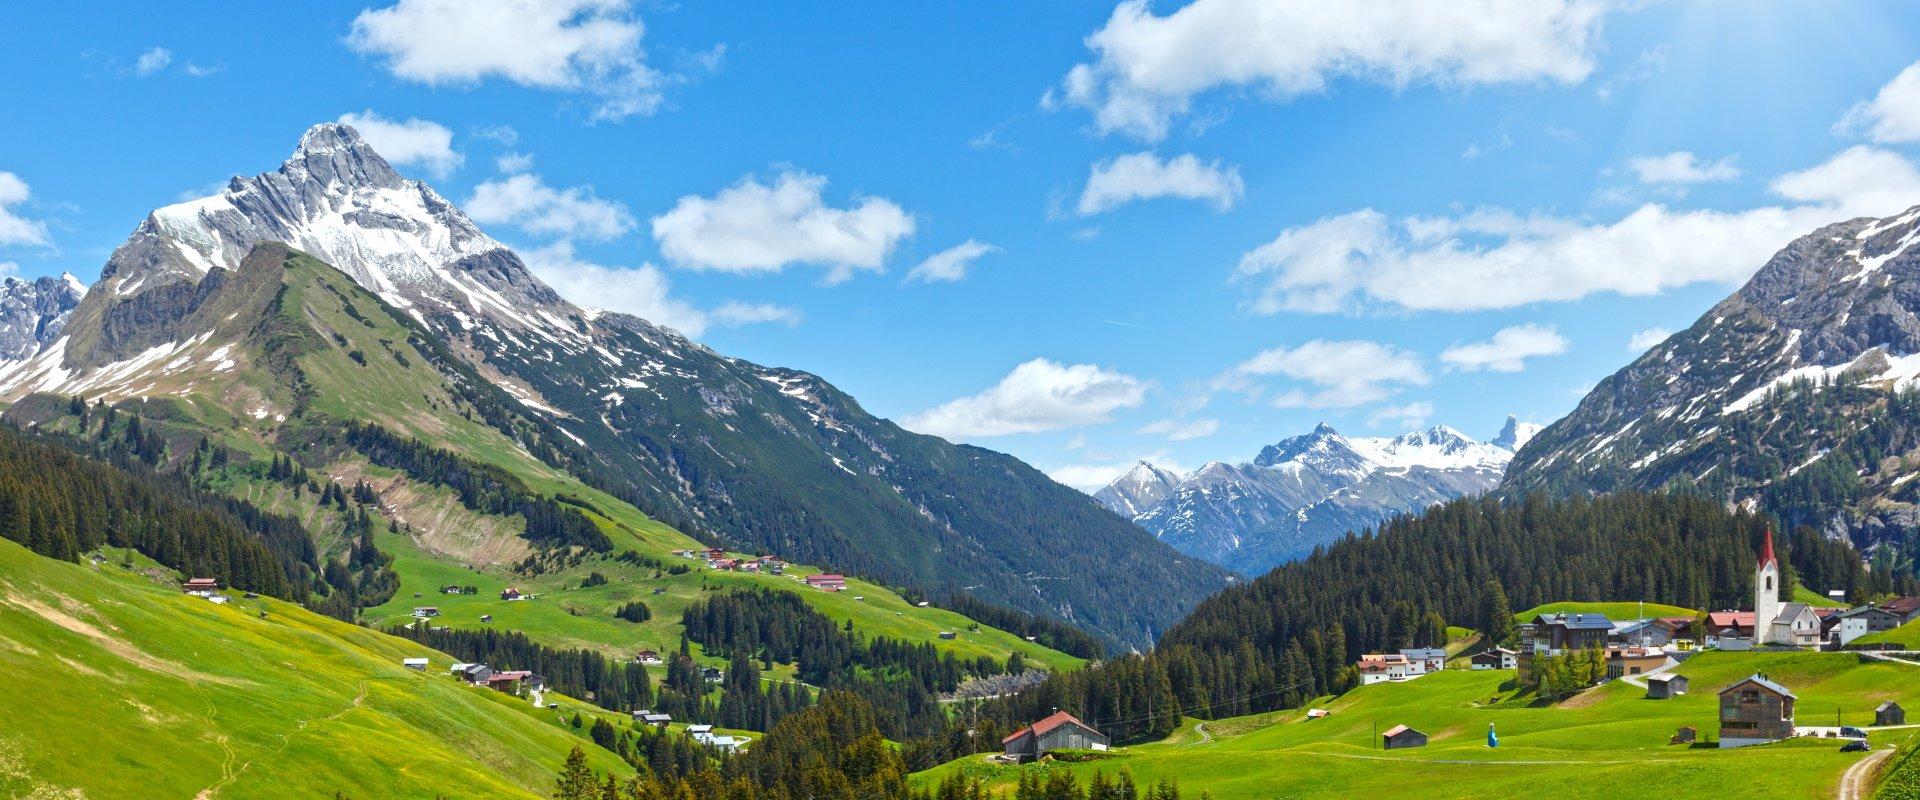 italiaanse-alpen-trentino.jpg